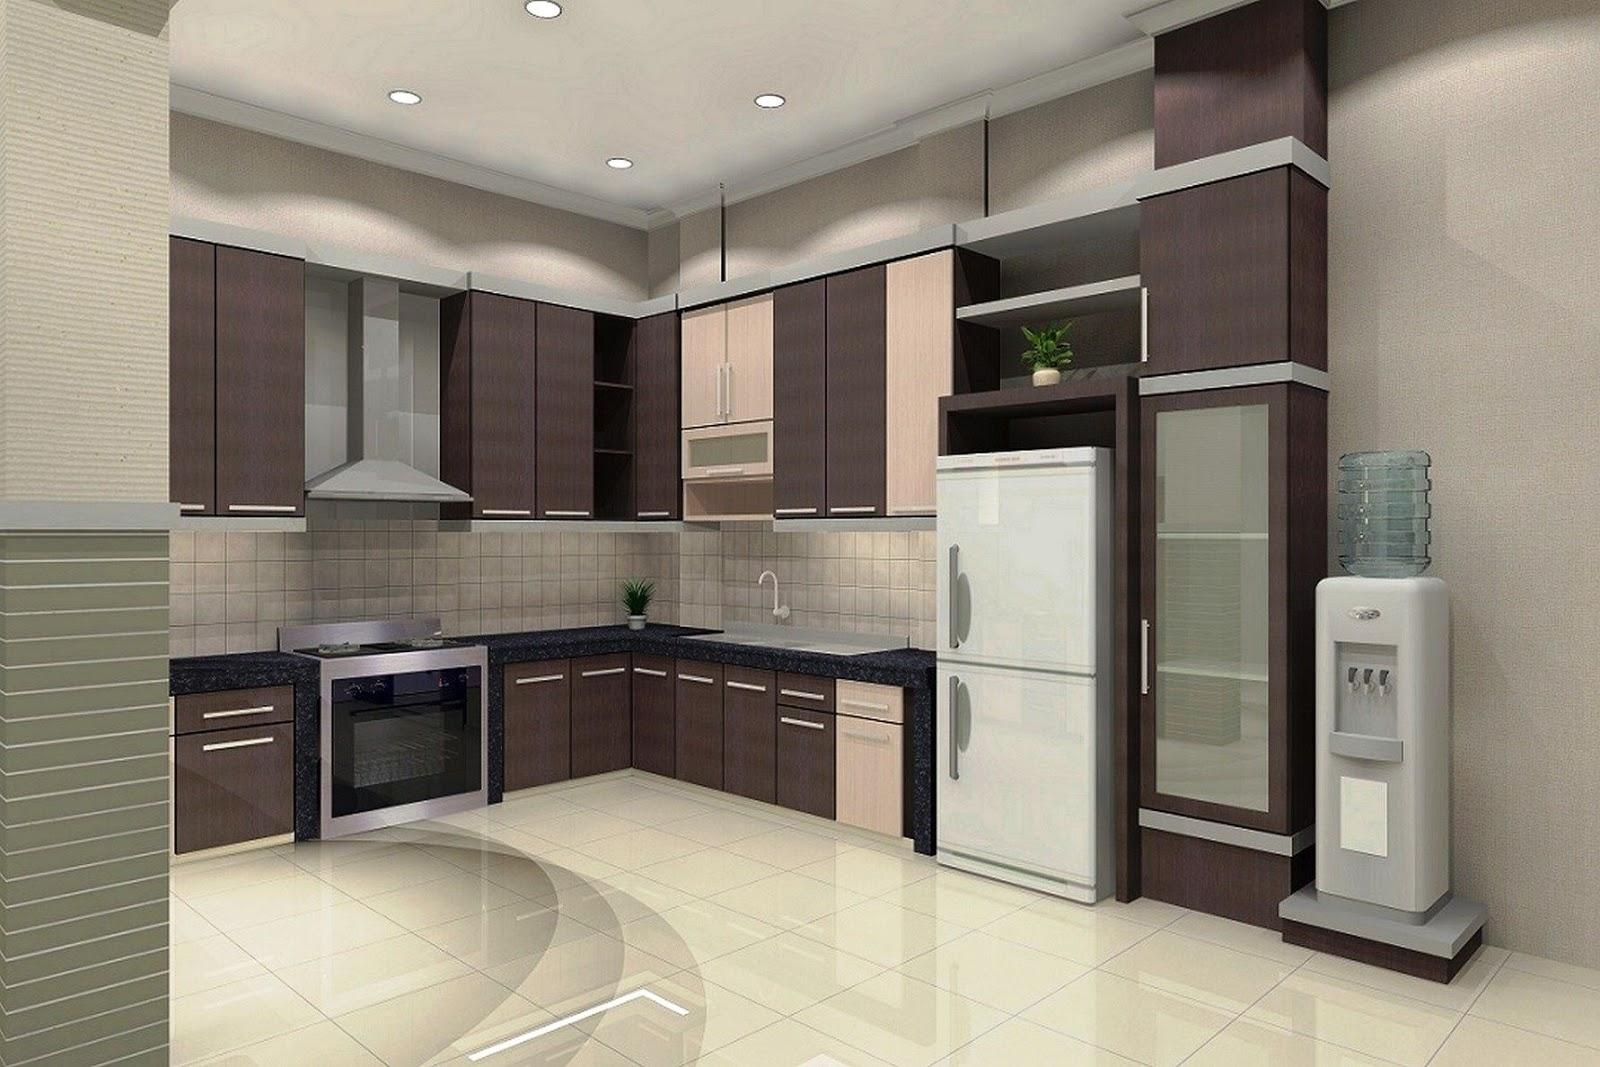 Desain Dapur Minimalis Rumah Type 45 Sederhana & ⊕ 22+ model desain dapur rumah minimalis type 36 dan type 45 ...